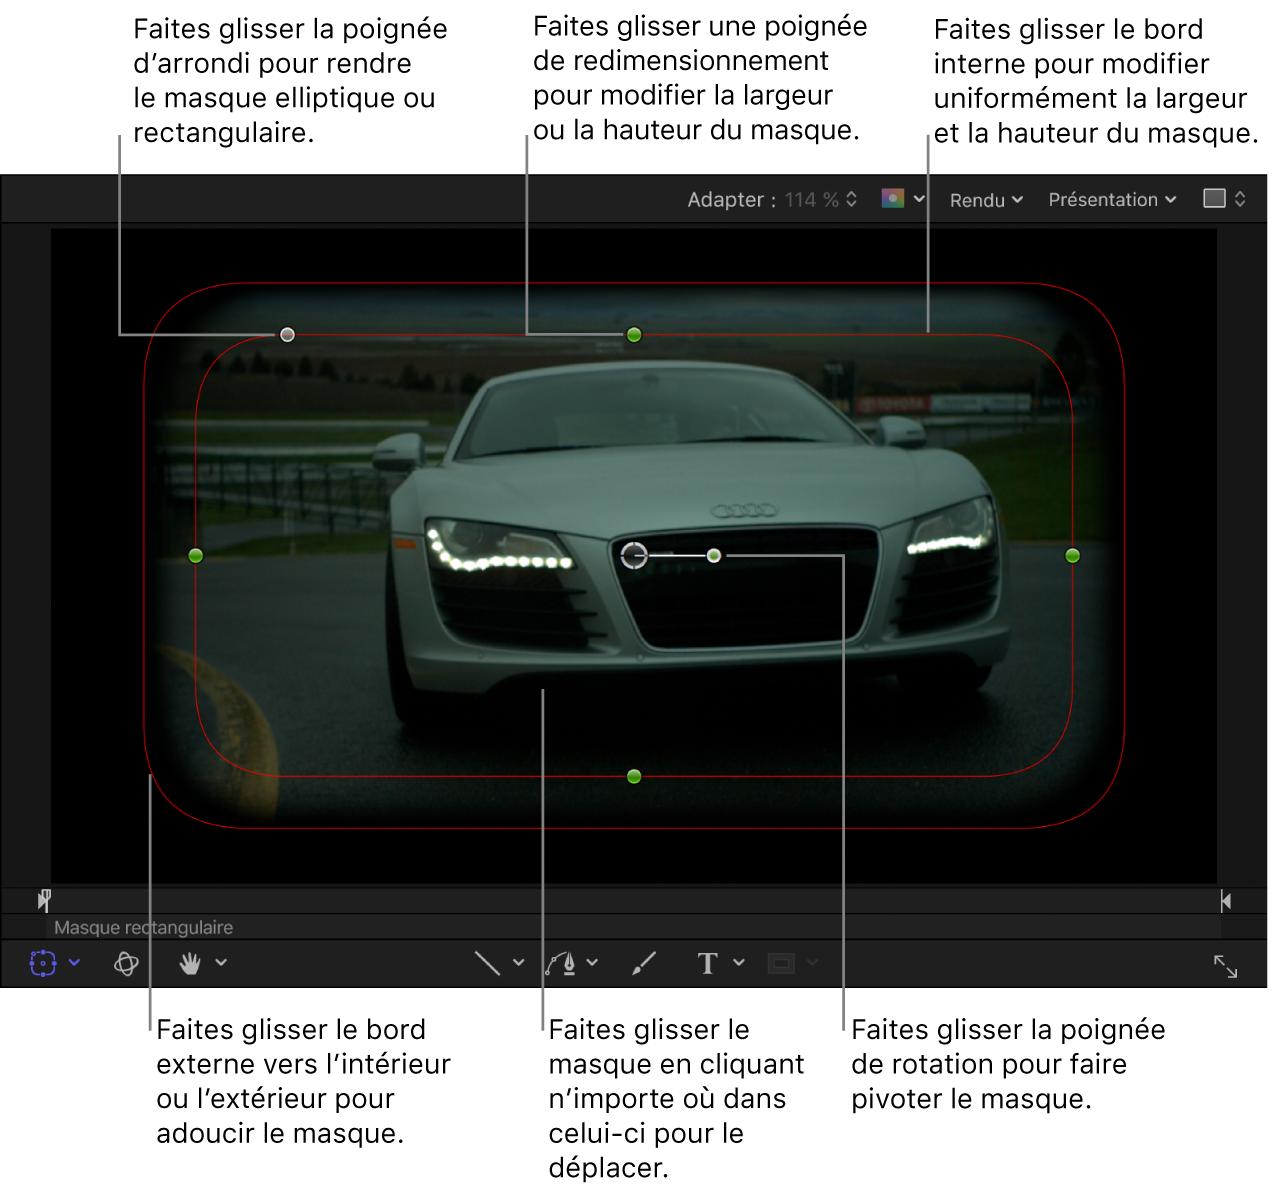 Commandes à l'écran permettant de régler la taille, l'adoucissement des bords, la rondeur et la rotation d'un masque simple